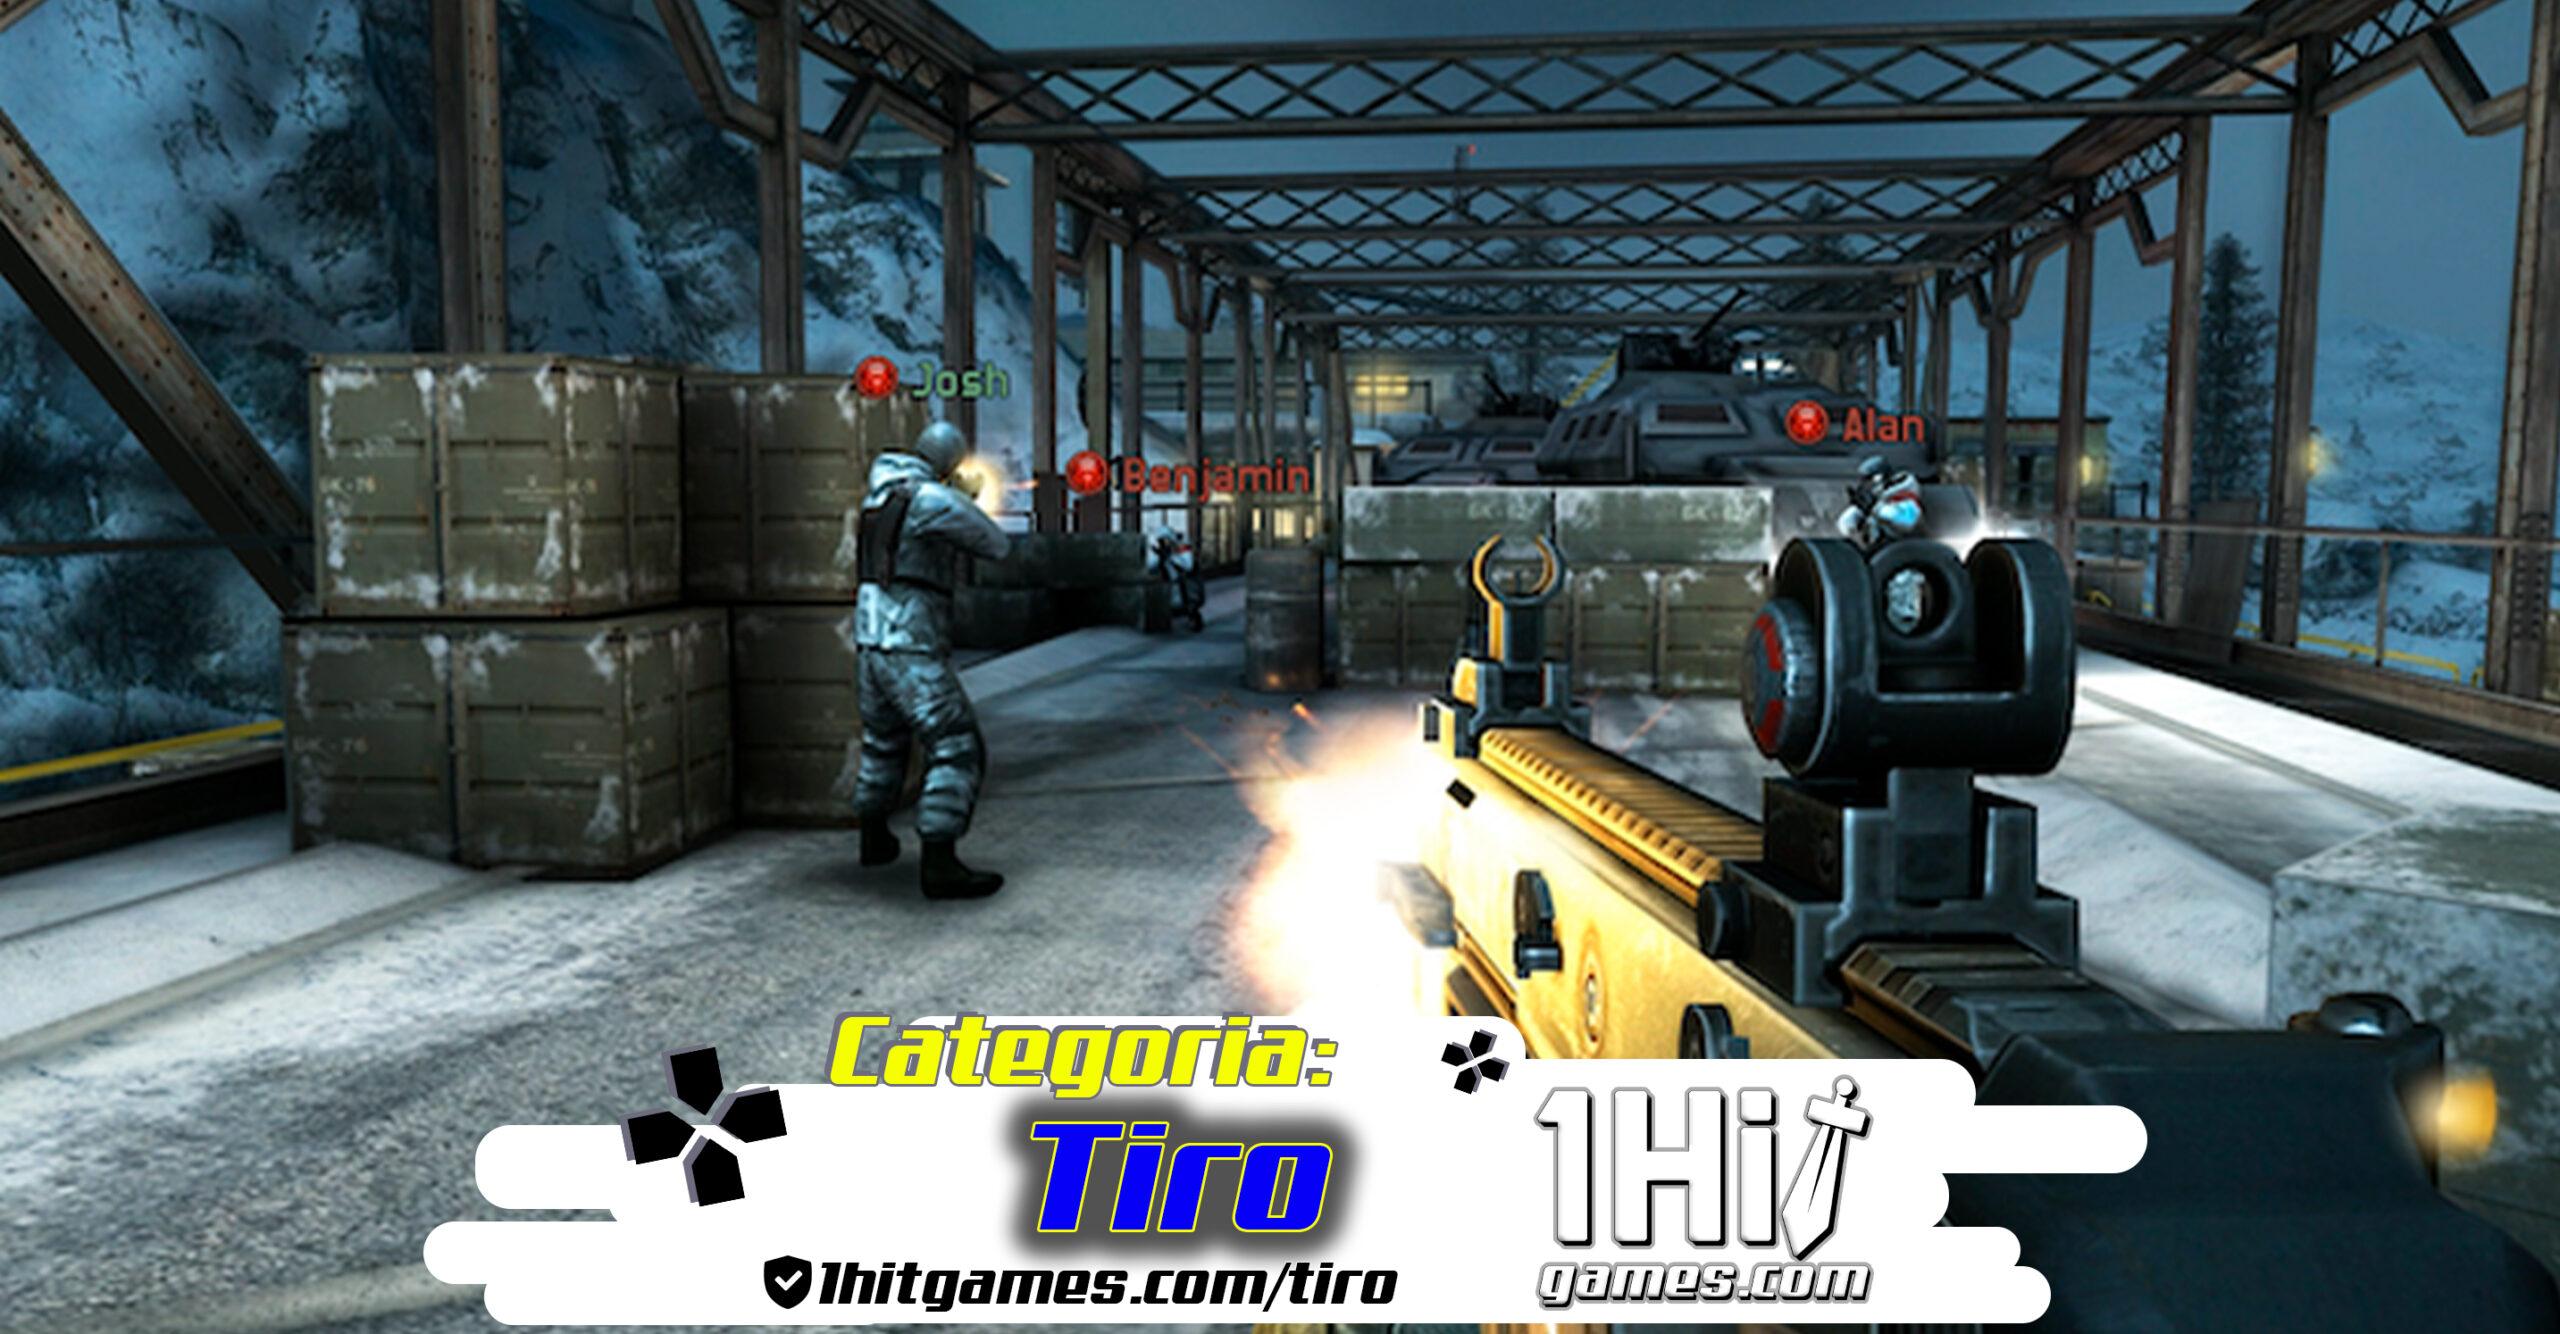 tiro games 1hitgames jogos eletronicos categorias 1hit